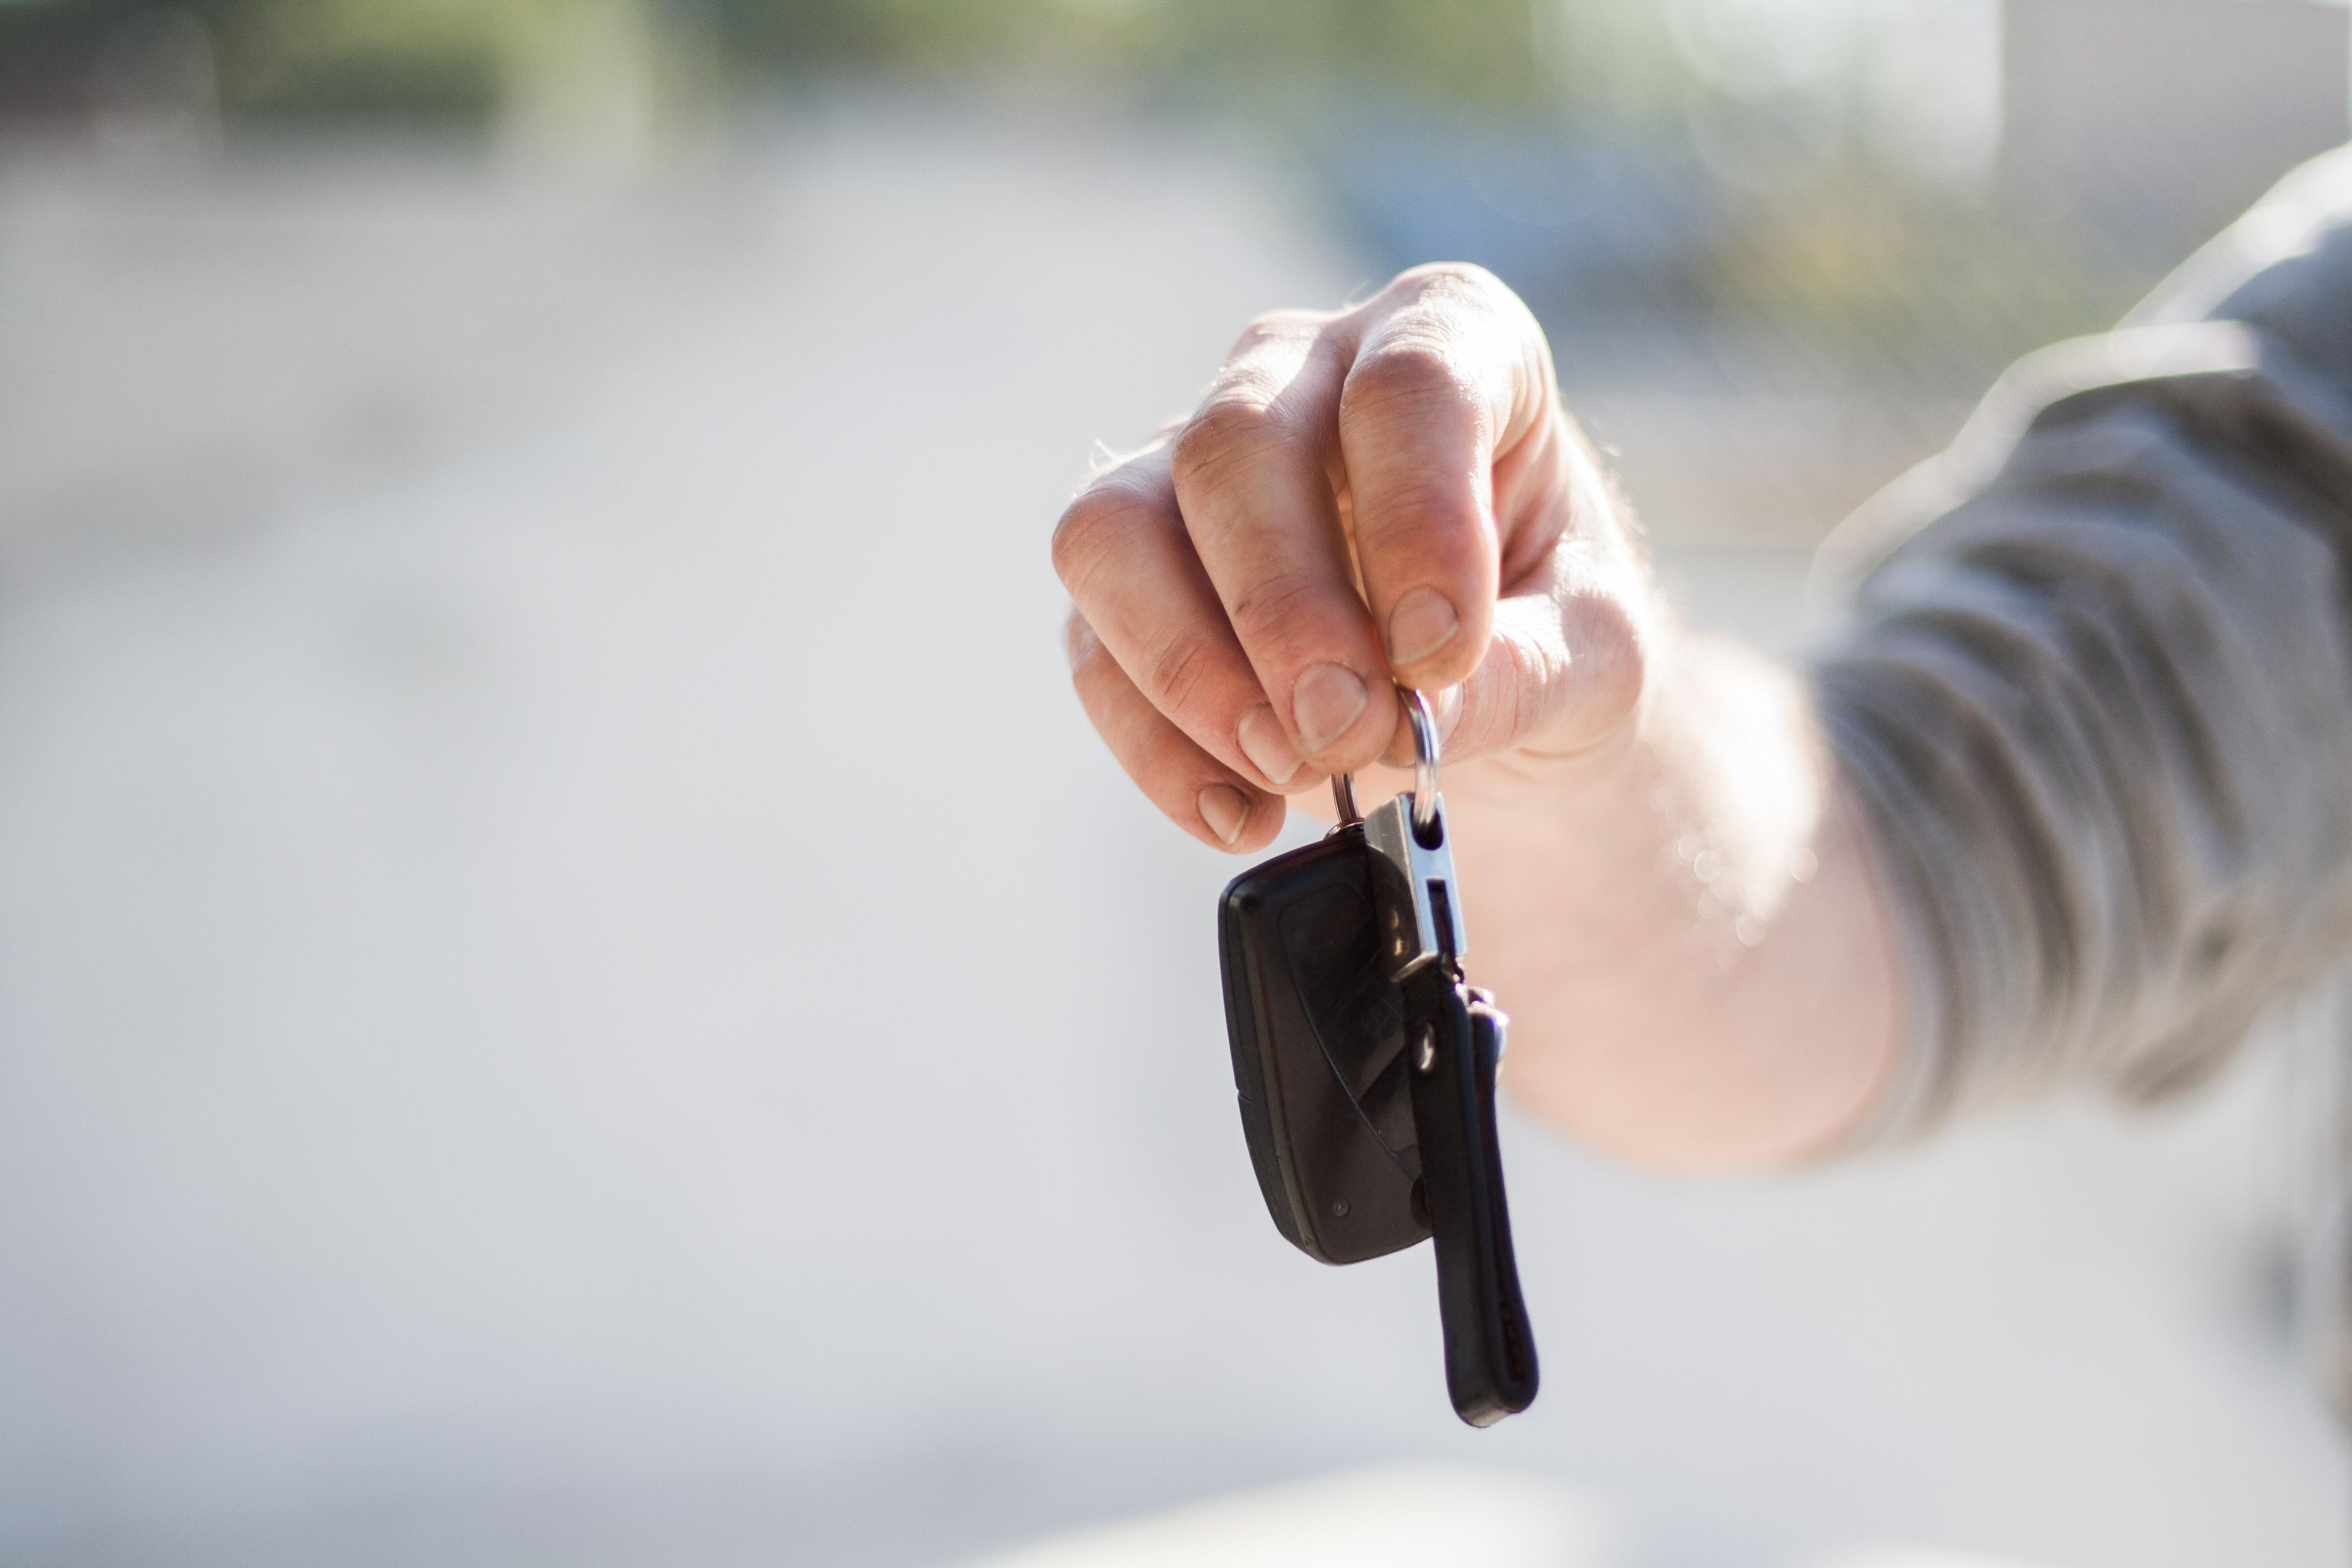 Startuje Evropský týden mobility, vyzývá ke sdílení aut